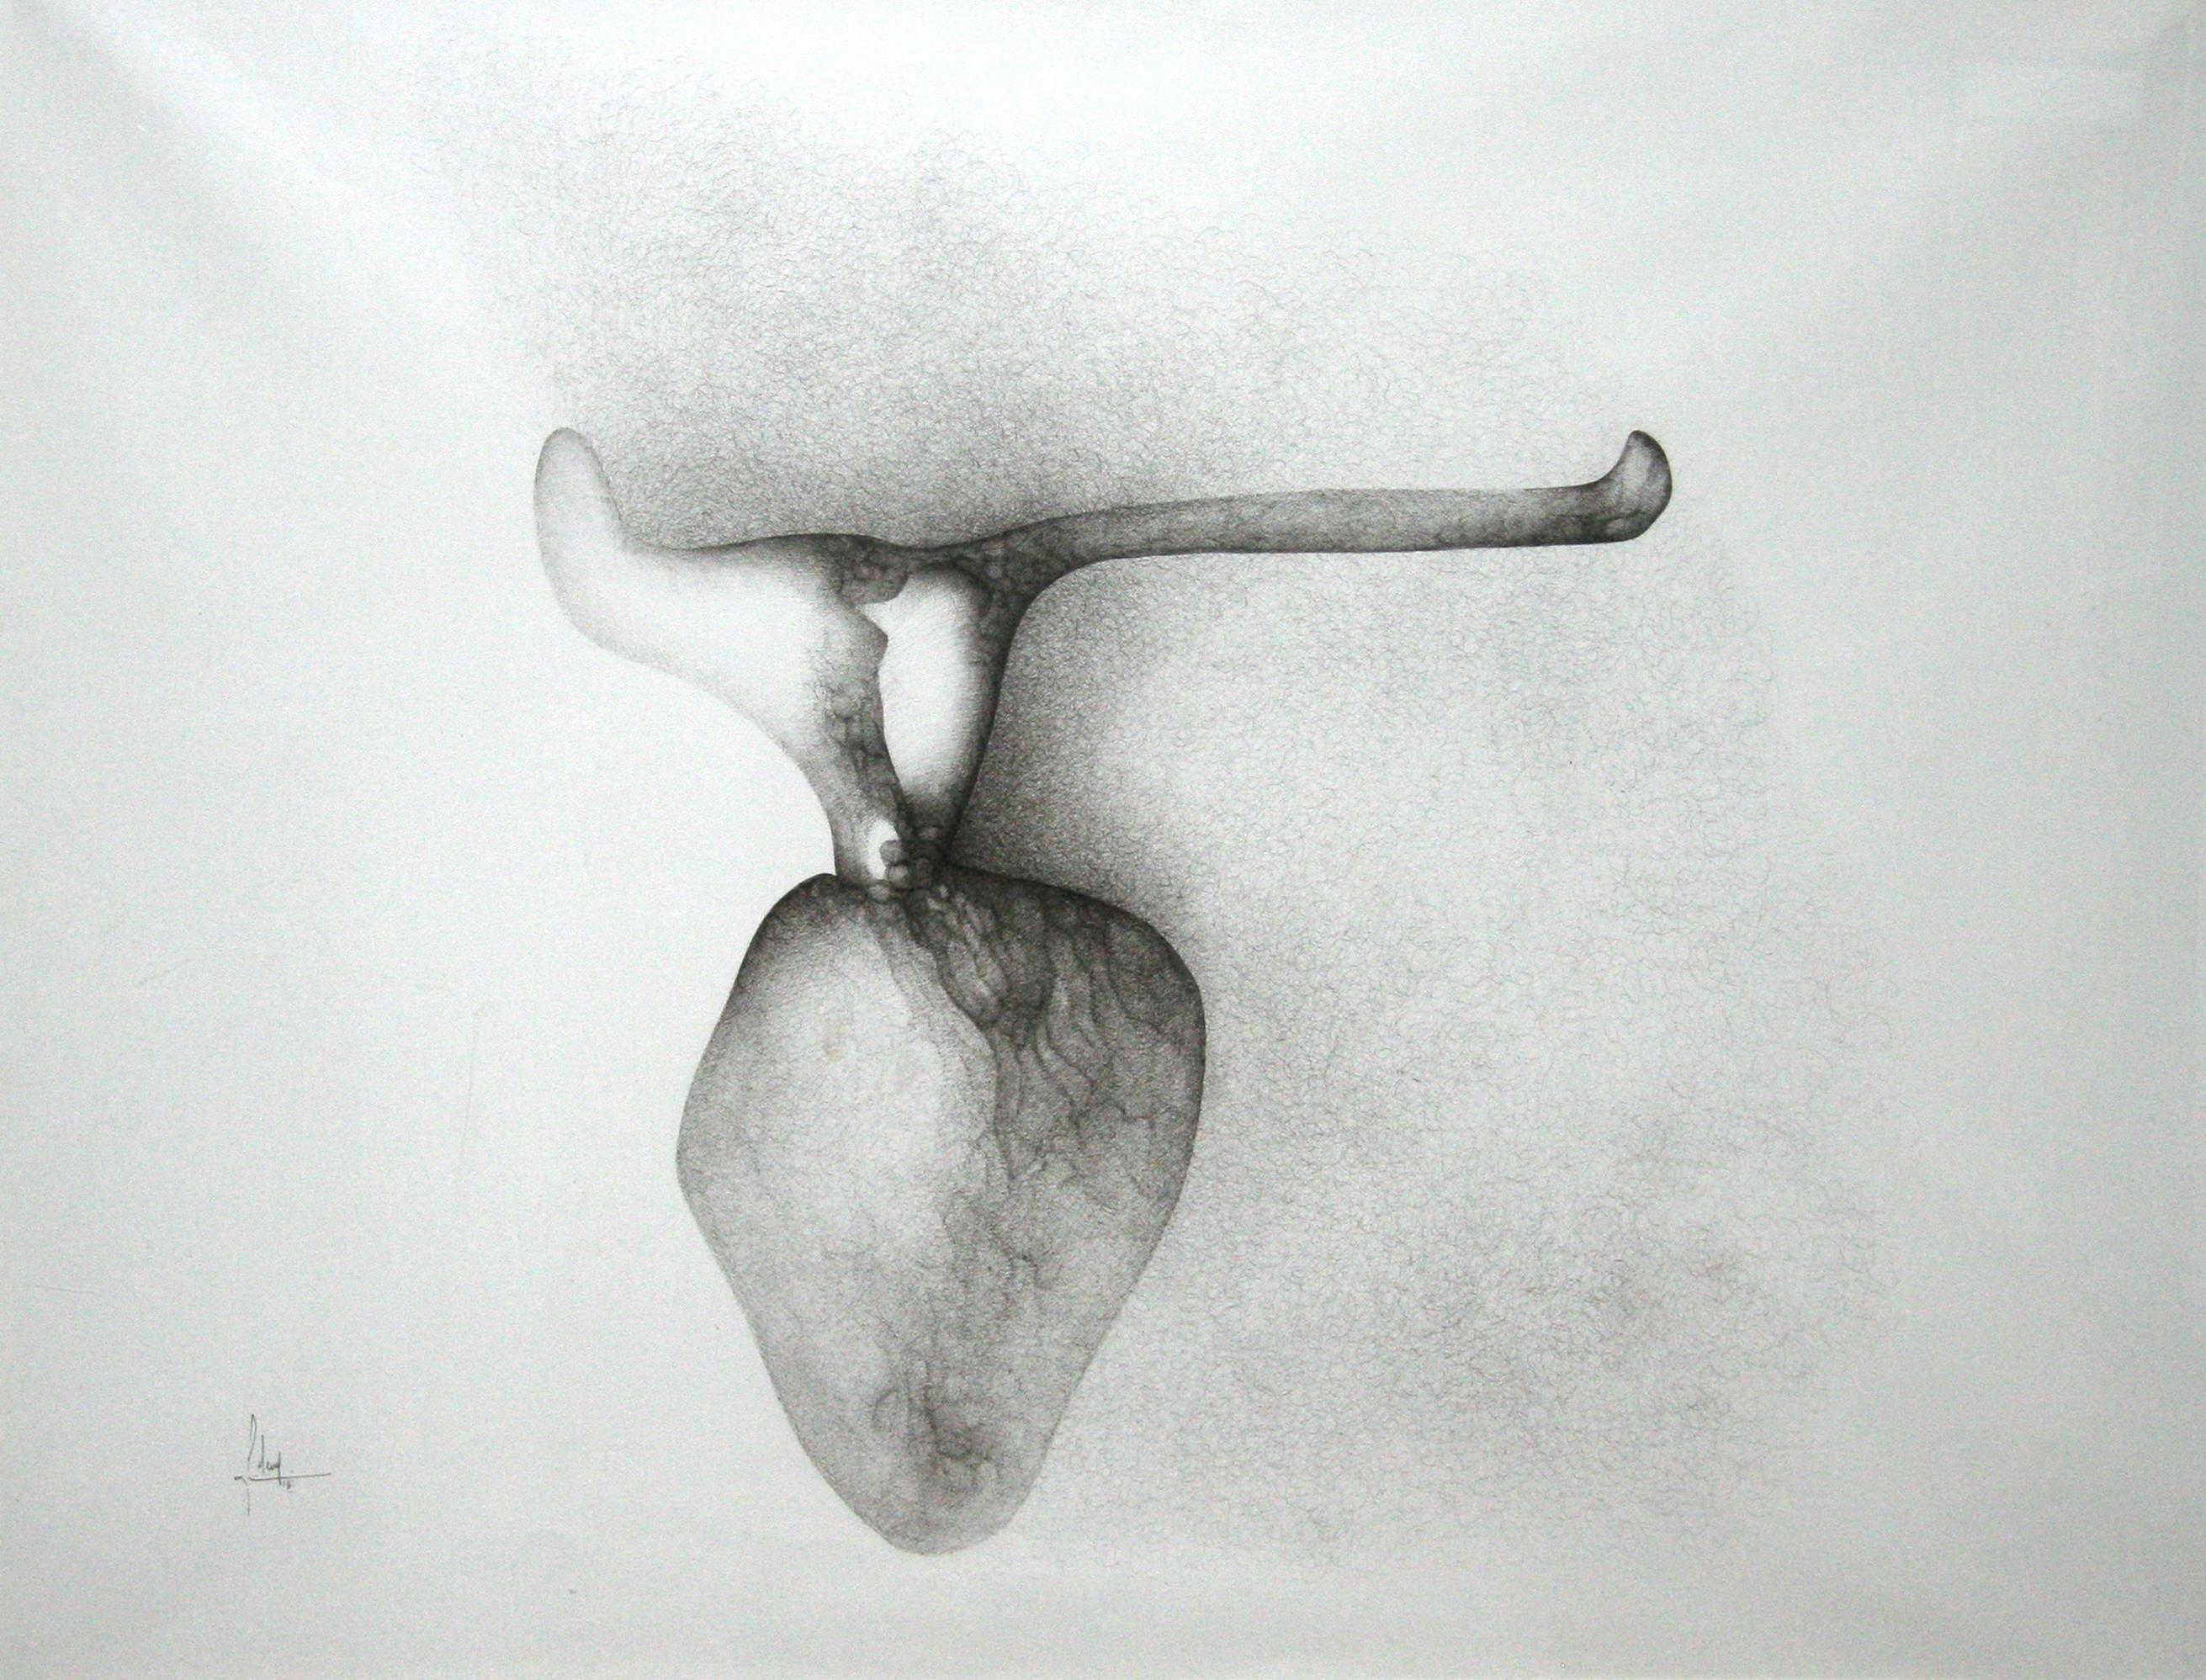 Fred Deux, Coeur de boeuf, 1962, encre de Chine sur papier sirius, 72 x 102 cm